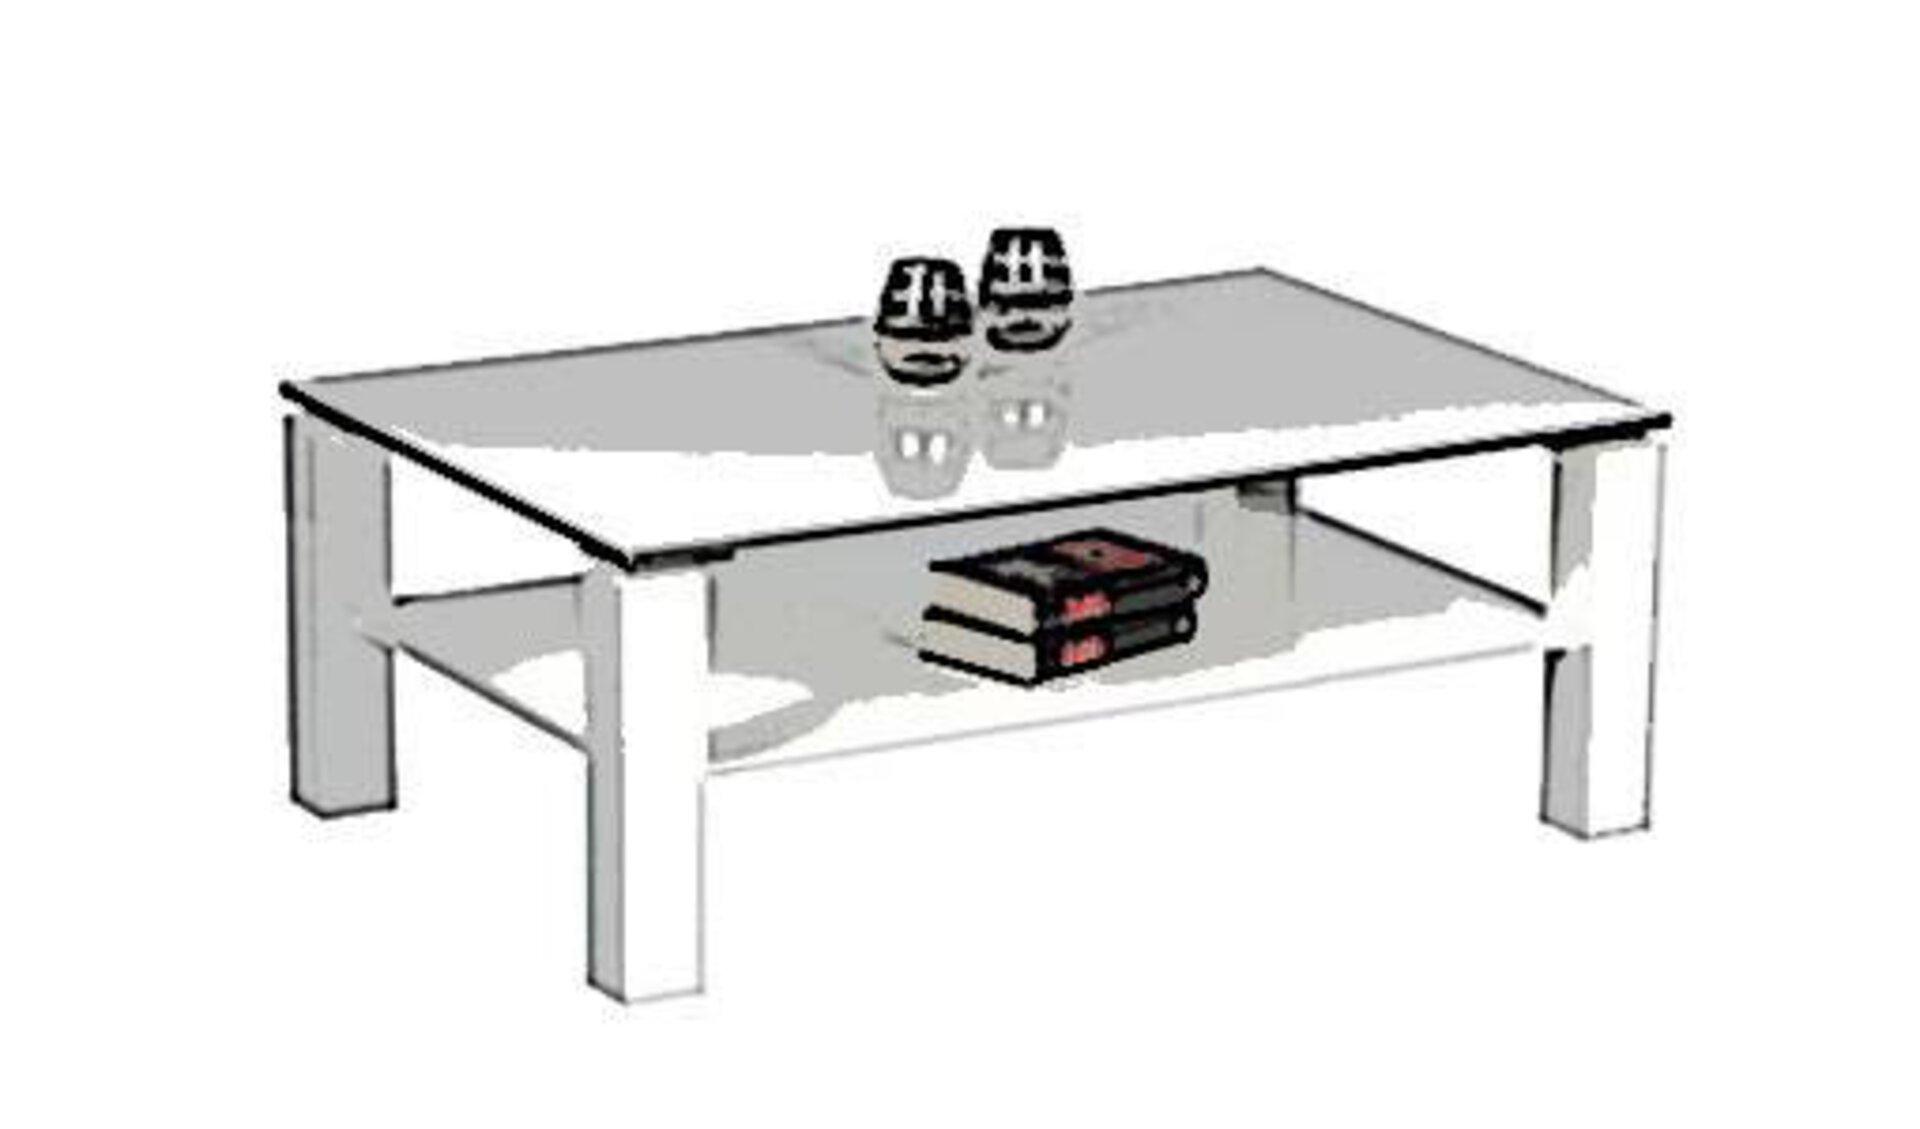 Stilisierter weißer Couchtisch in rechteckiger Form mit quadratischen Tischbeinen und Ablagefläche unterhalb der Tischplatte.